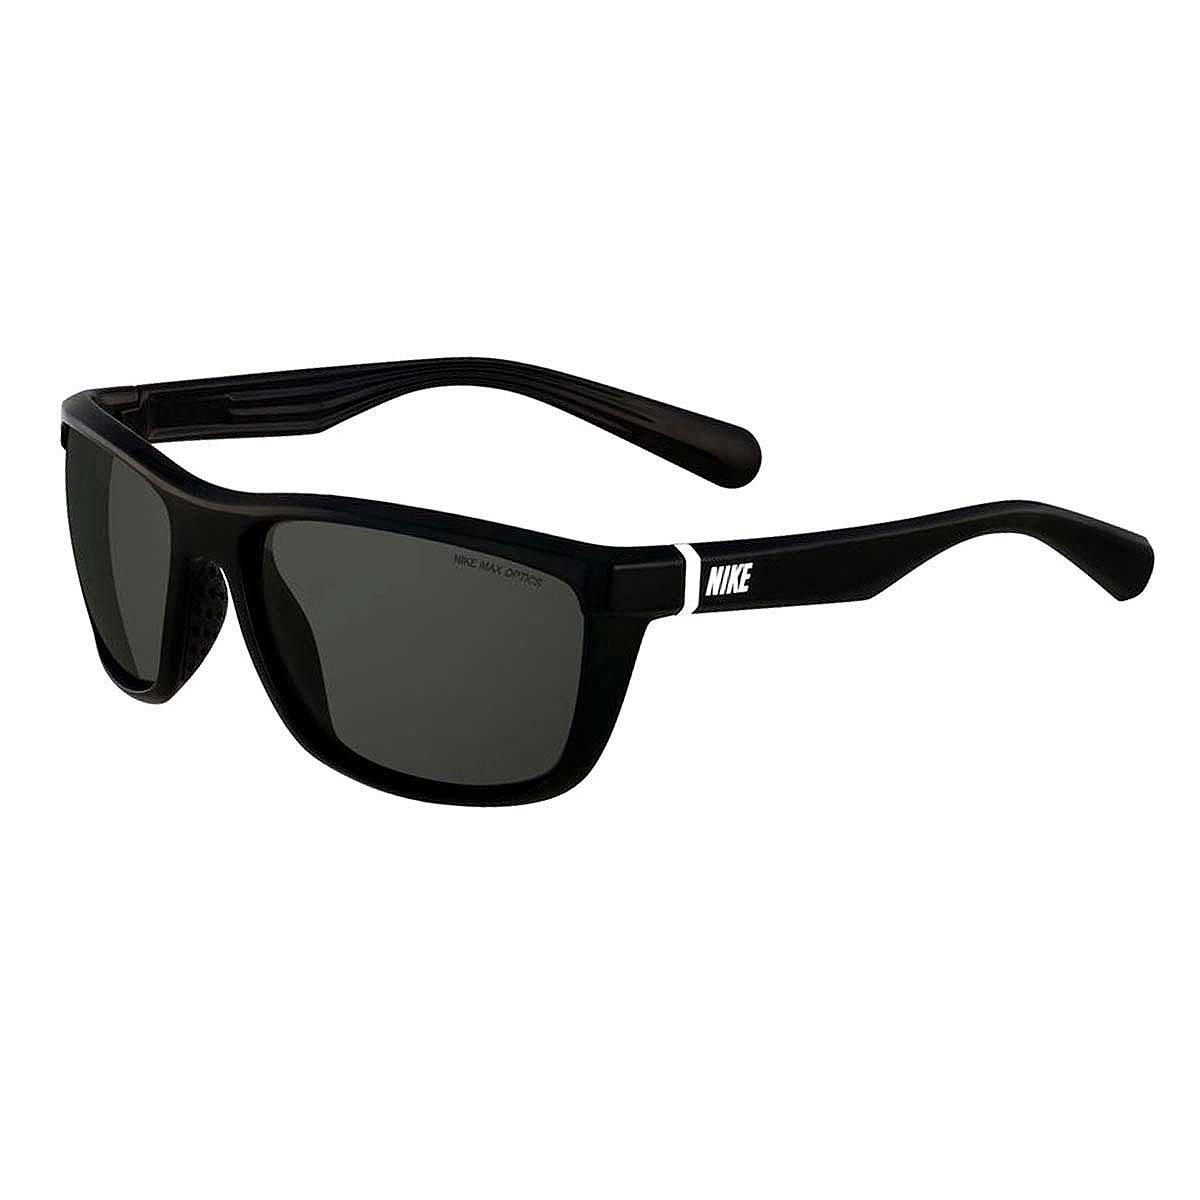 Купить очки Nike Optics Swag Black Grey Lens в интернет-магазине ... a60731abd2f